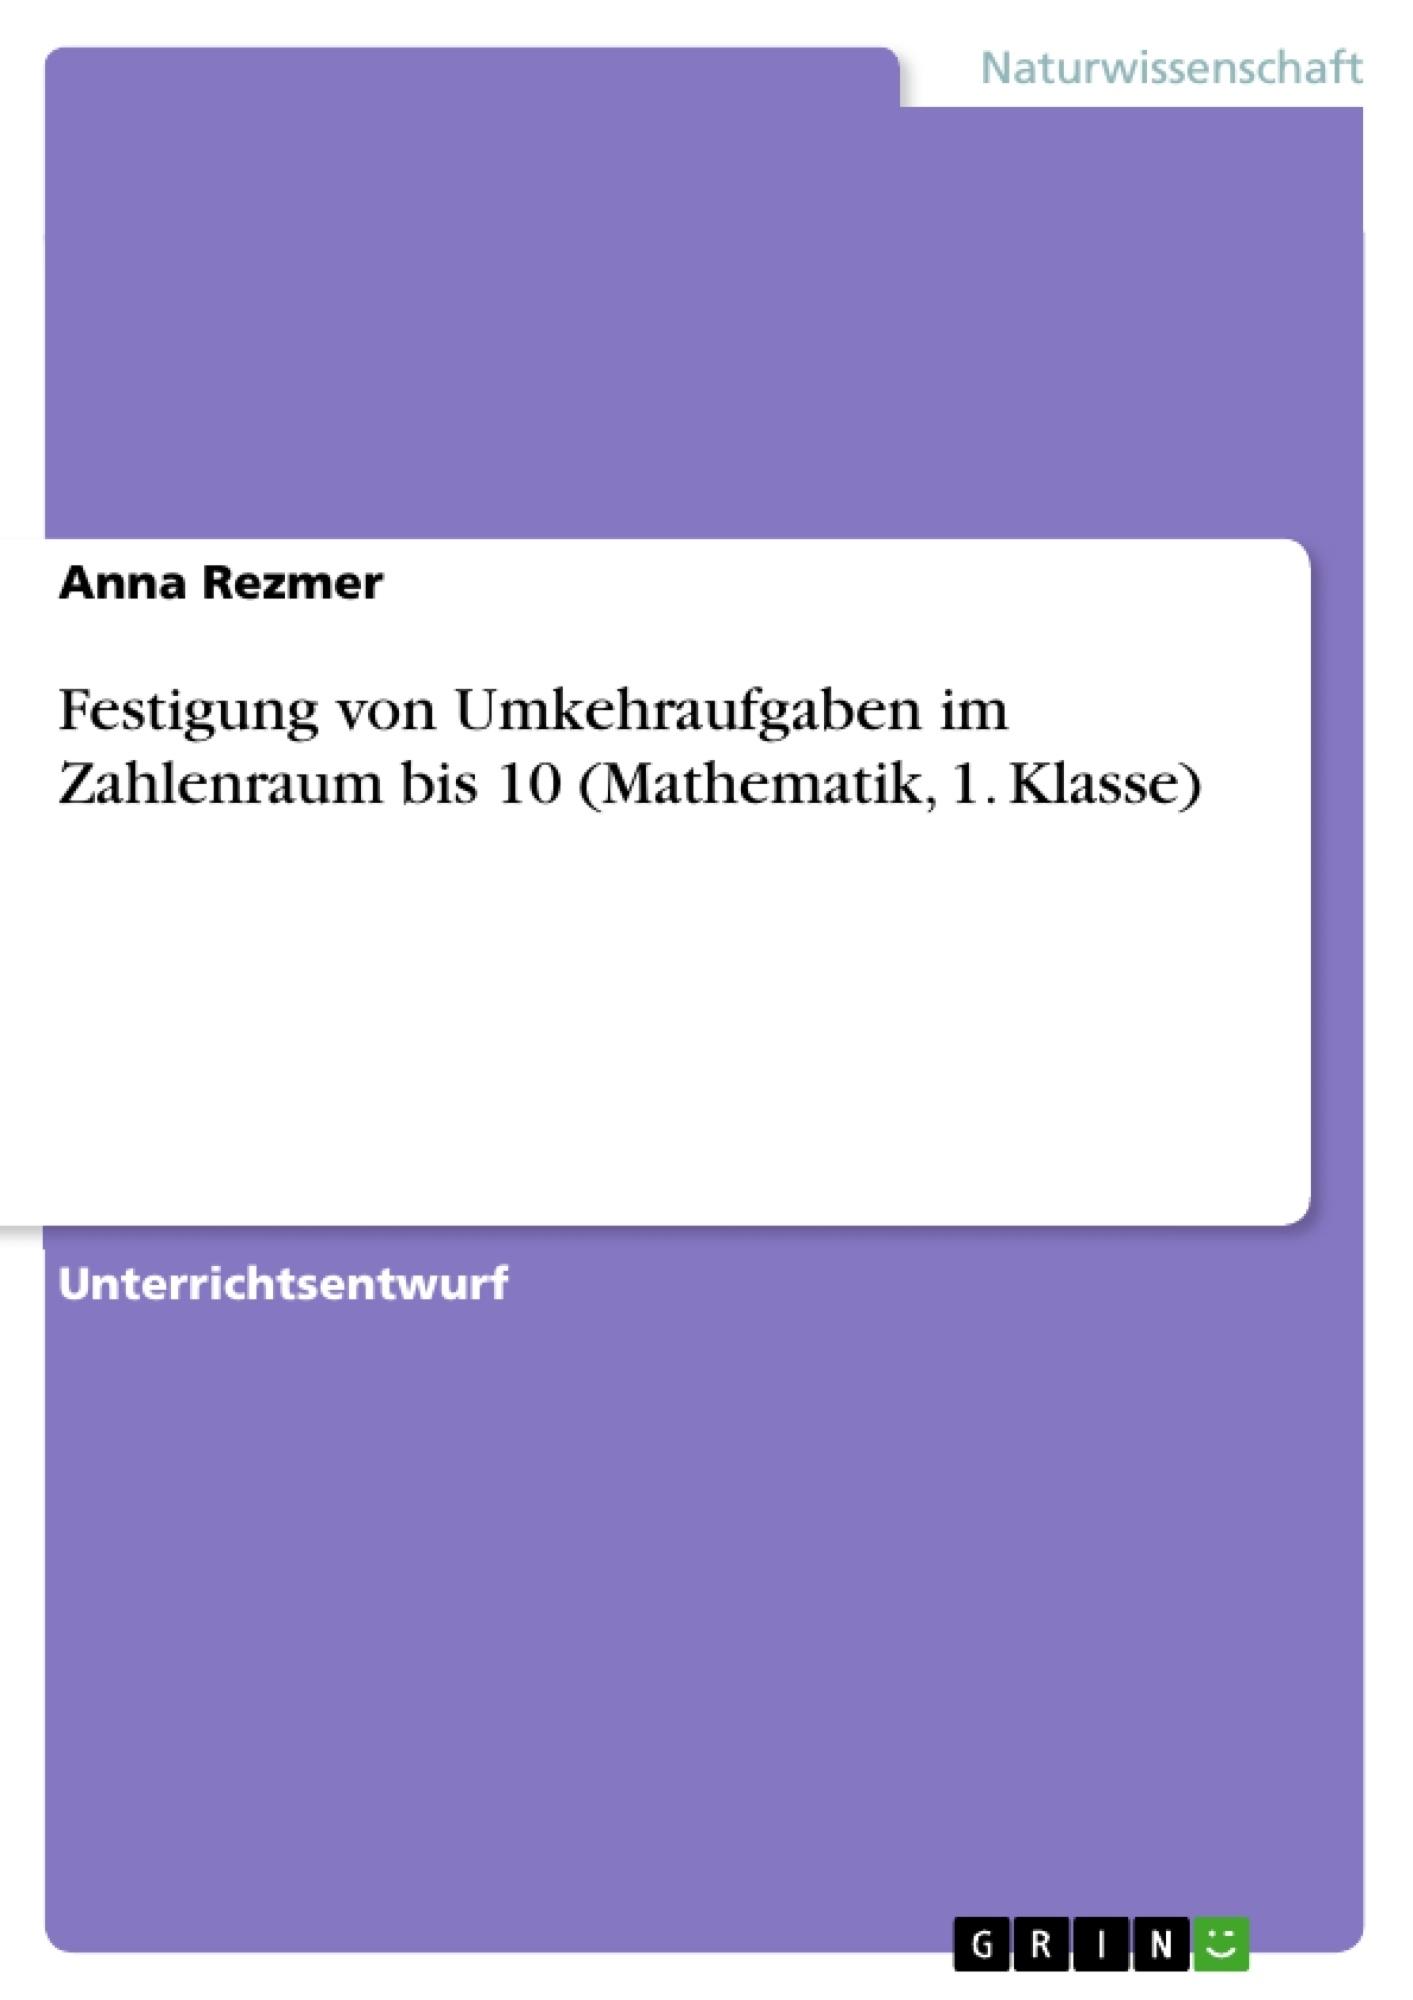 Titel: Festigung von Umkehraufgaben im Zahlenraum bis 10 (Mathematik, 1. Klasse)